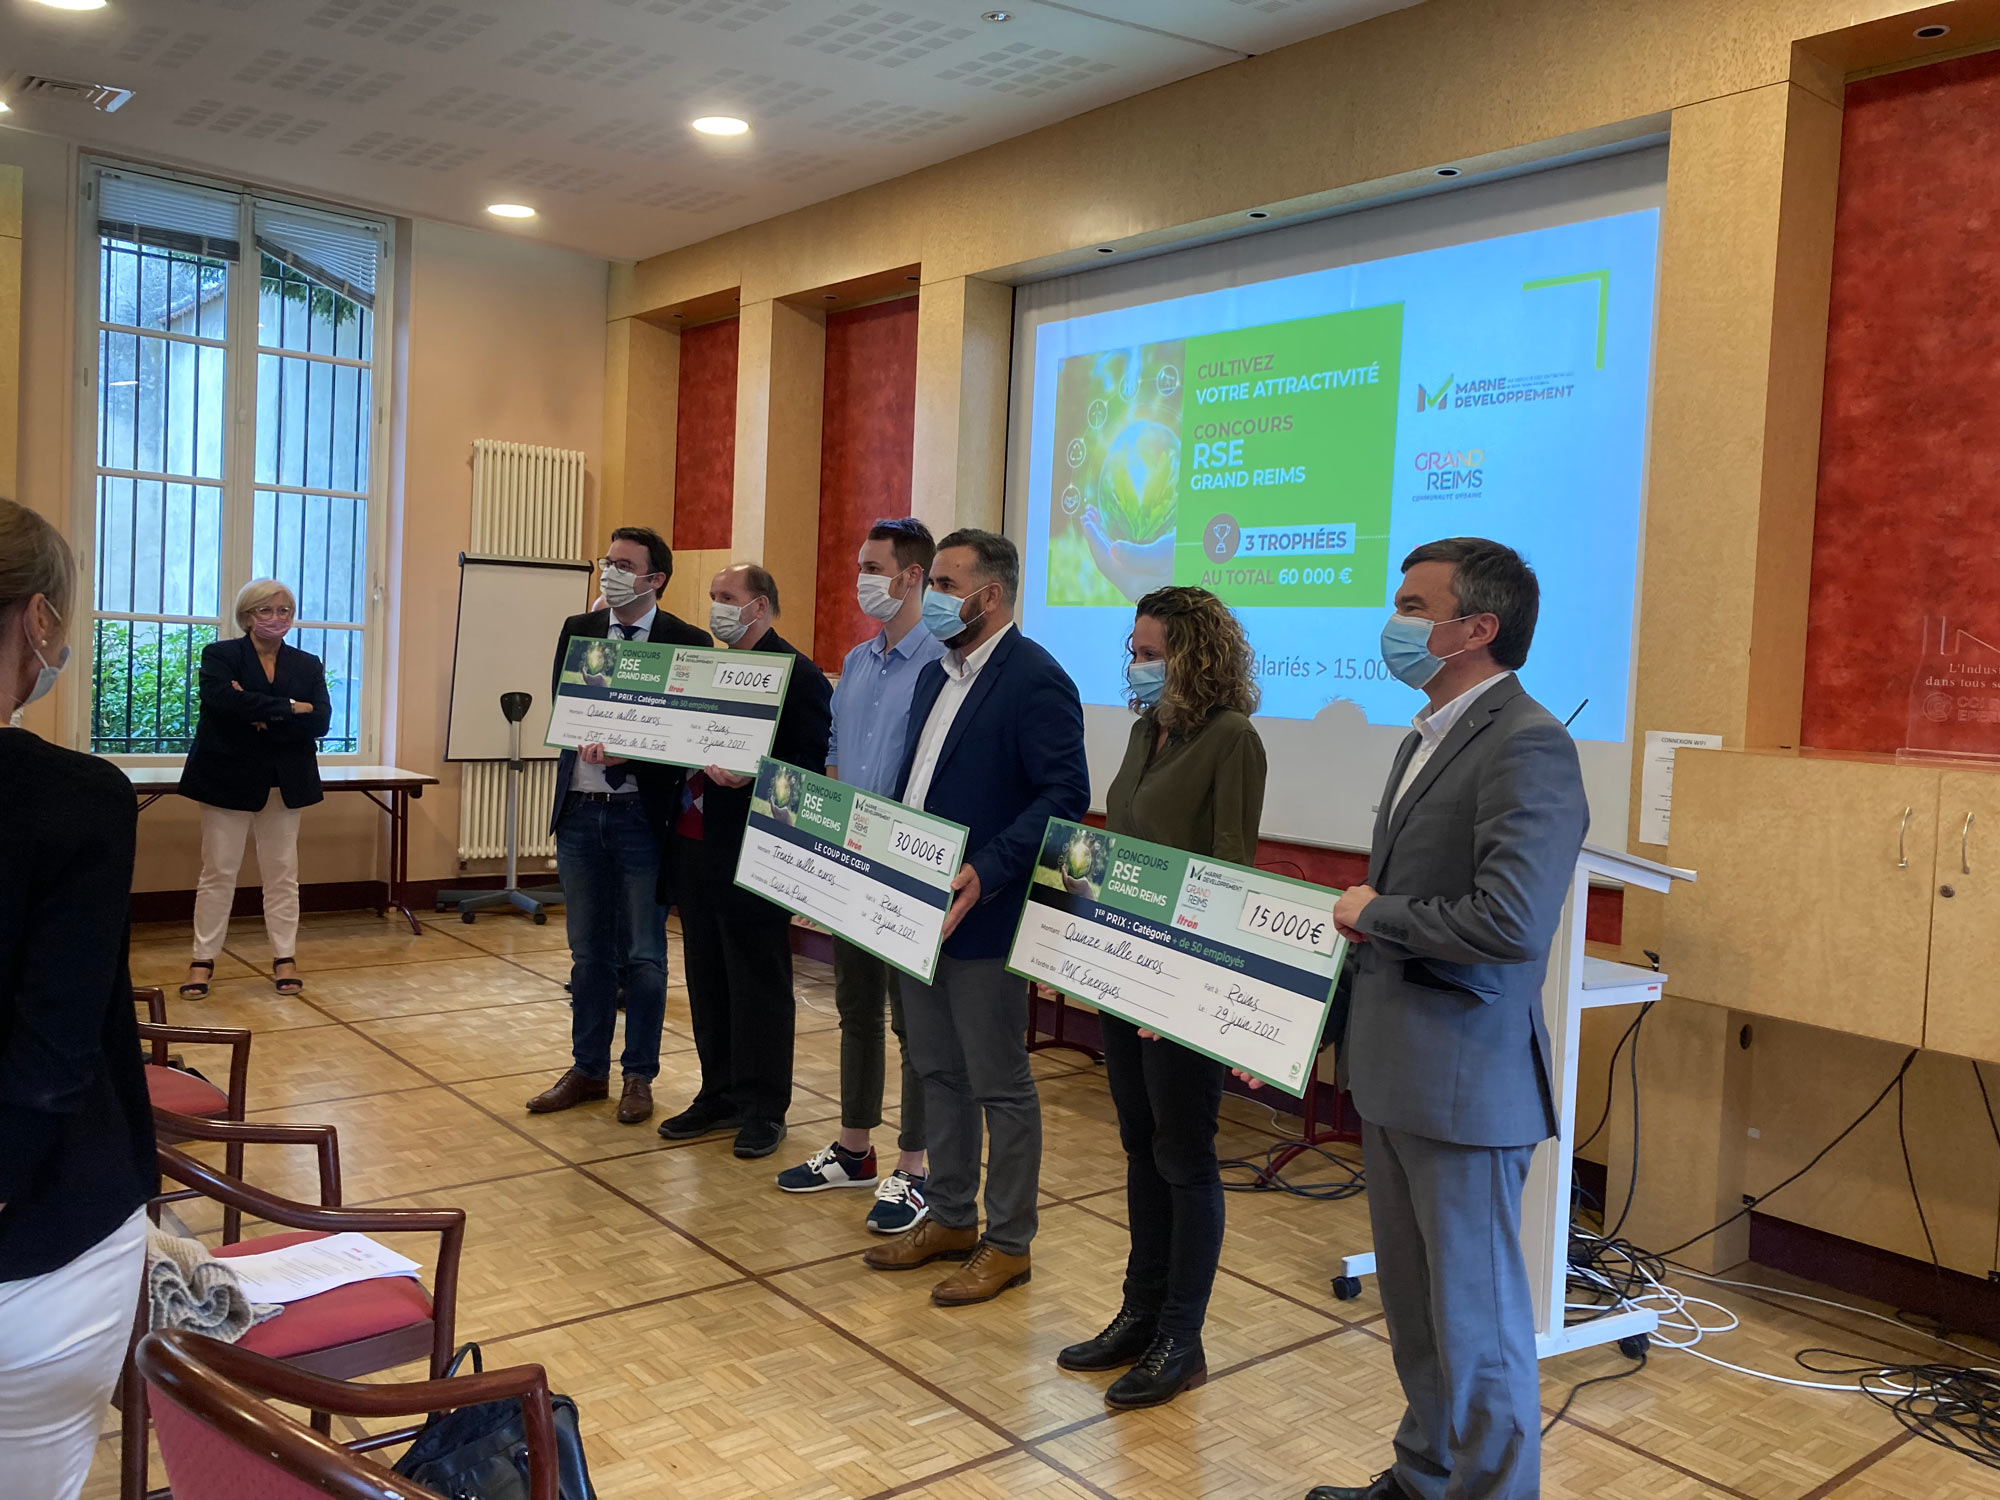 Marne Développement - Concours RSE Grand Reims : Marne Développement s'engage pour un monde durable - concours rse - 1